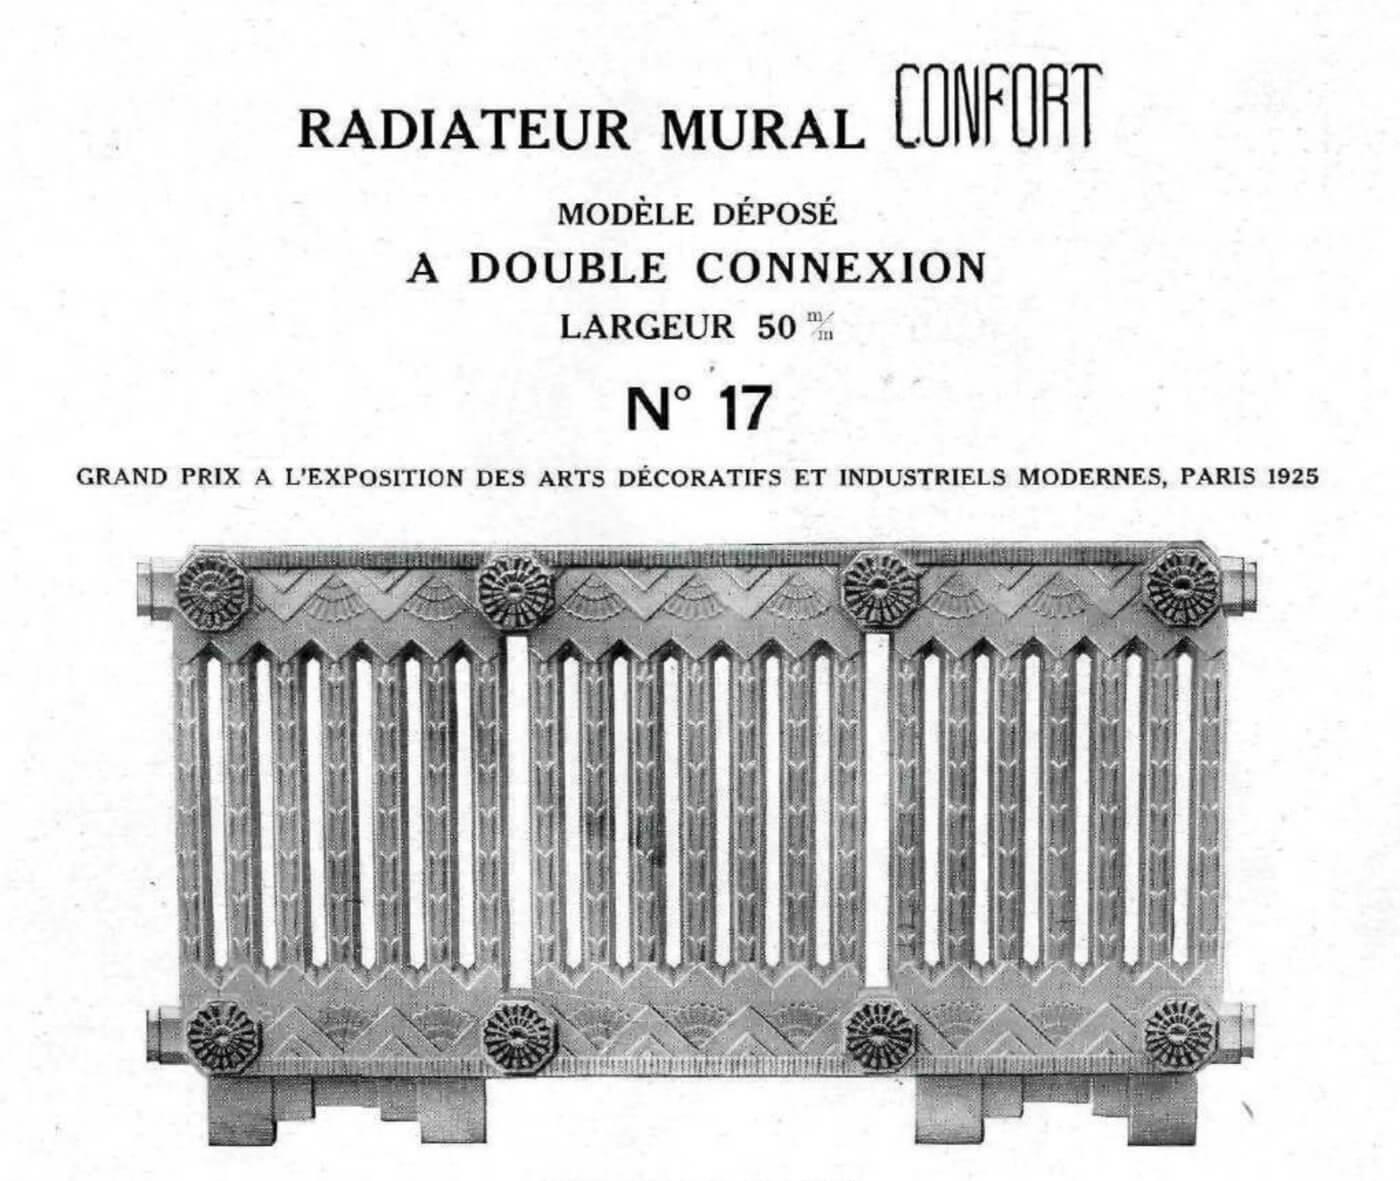 radiateur mural confort brousseval r f ref 120. Black Bedroom Furniture Sets. Home Design Ideas